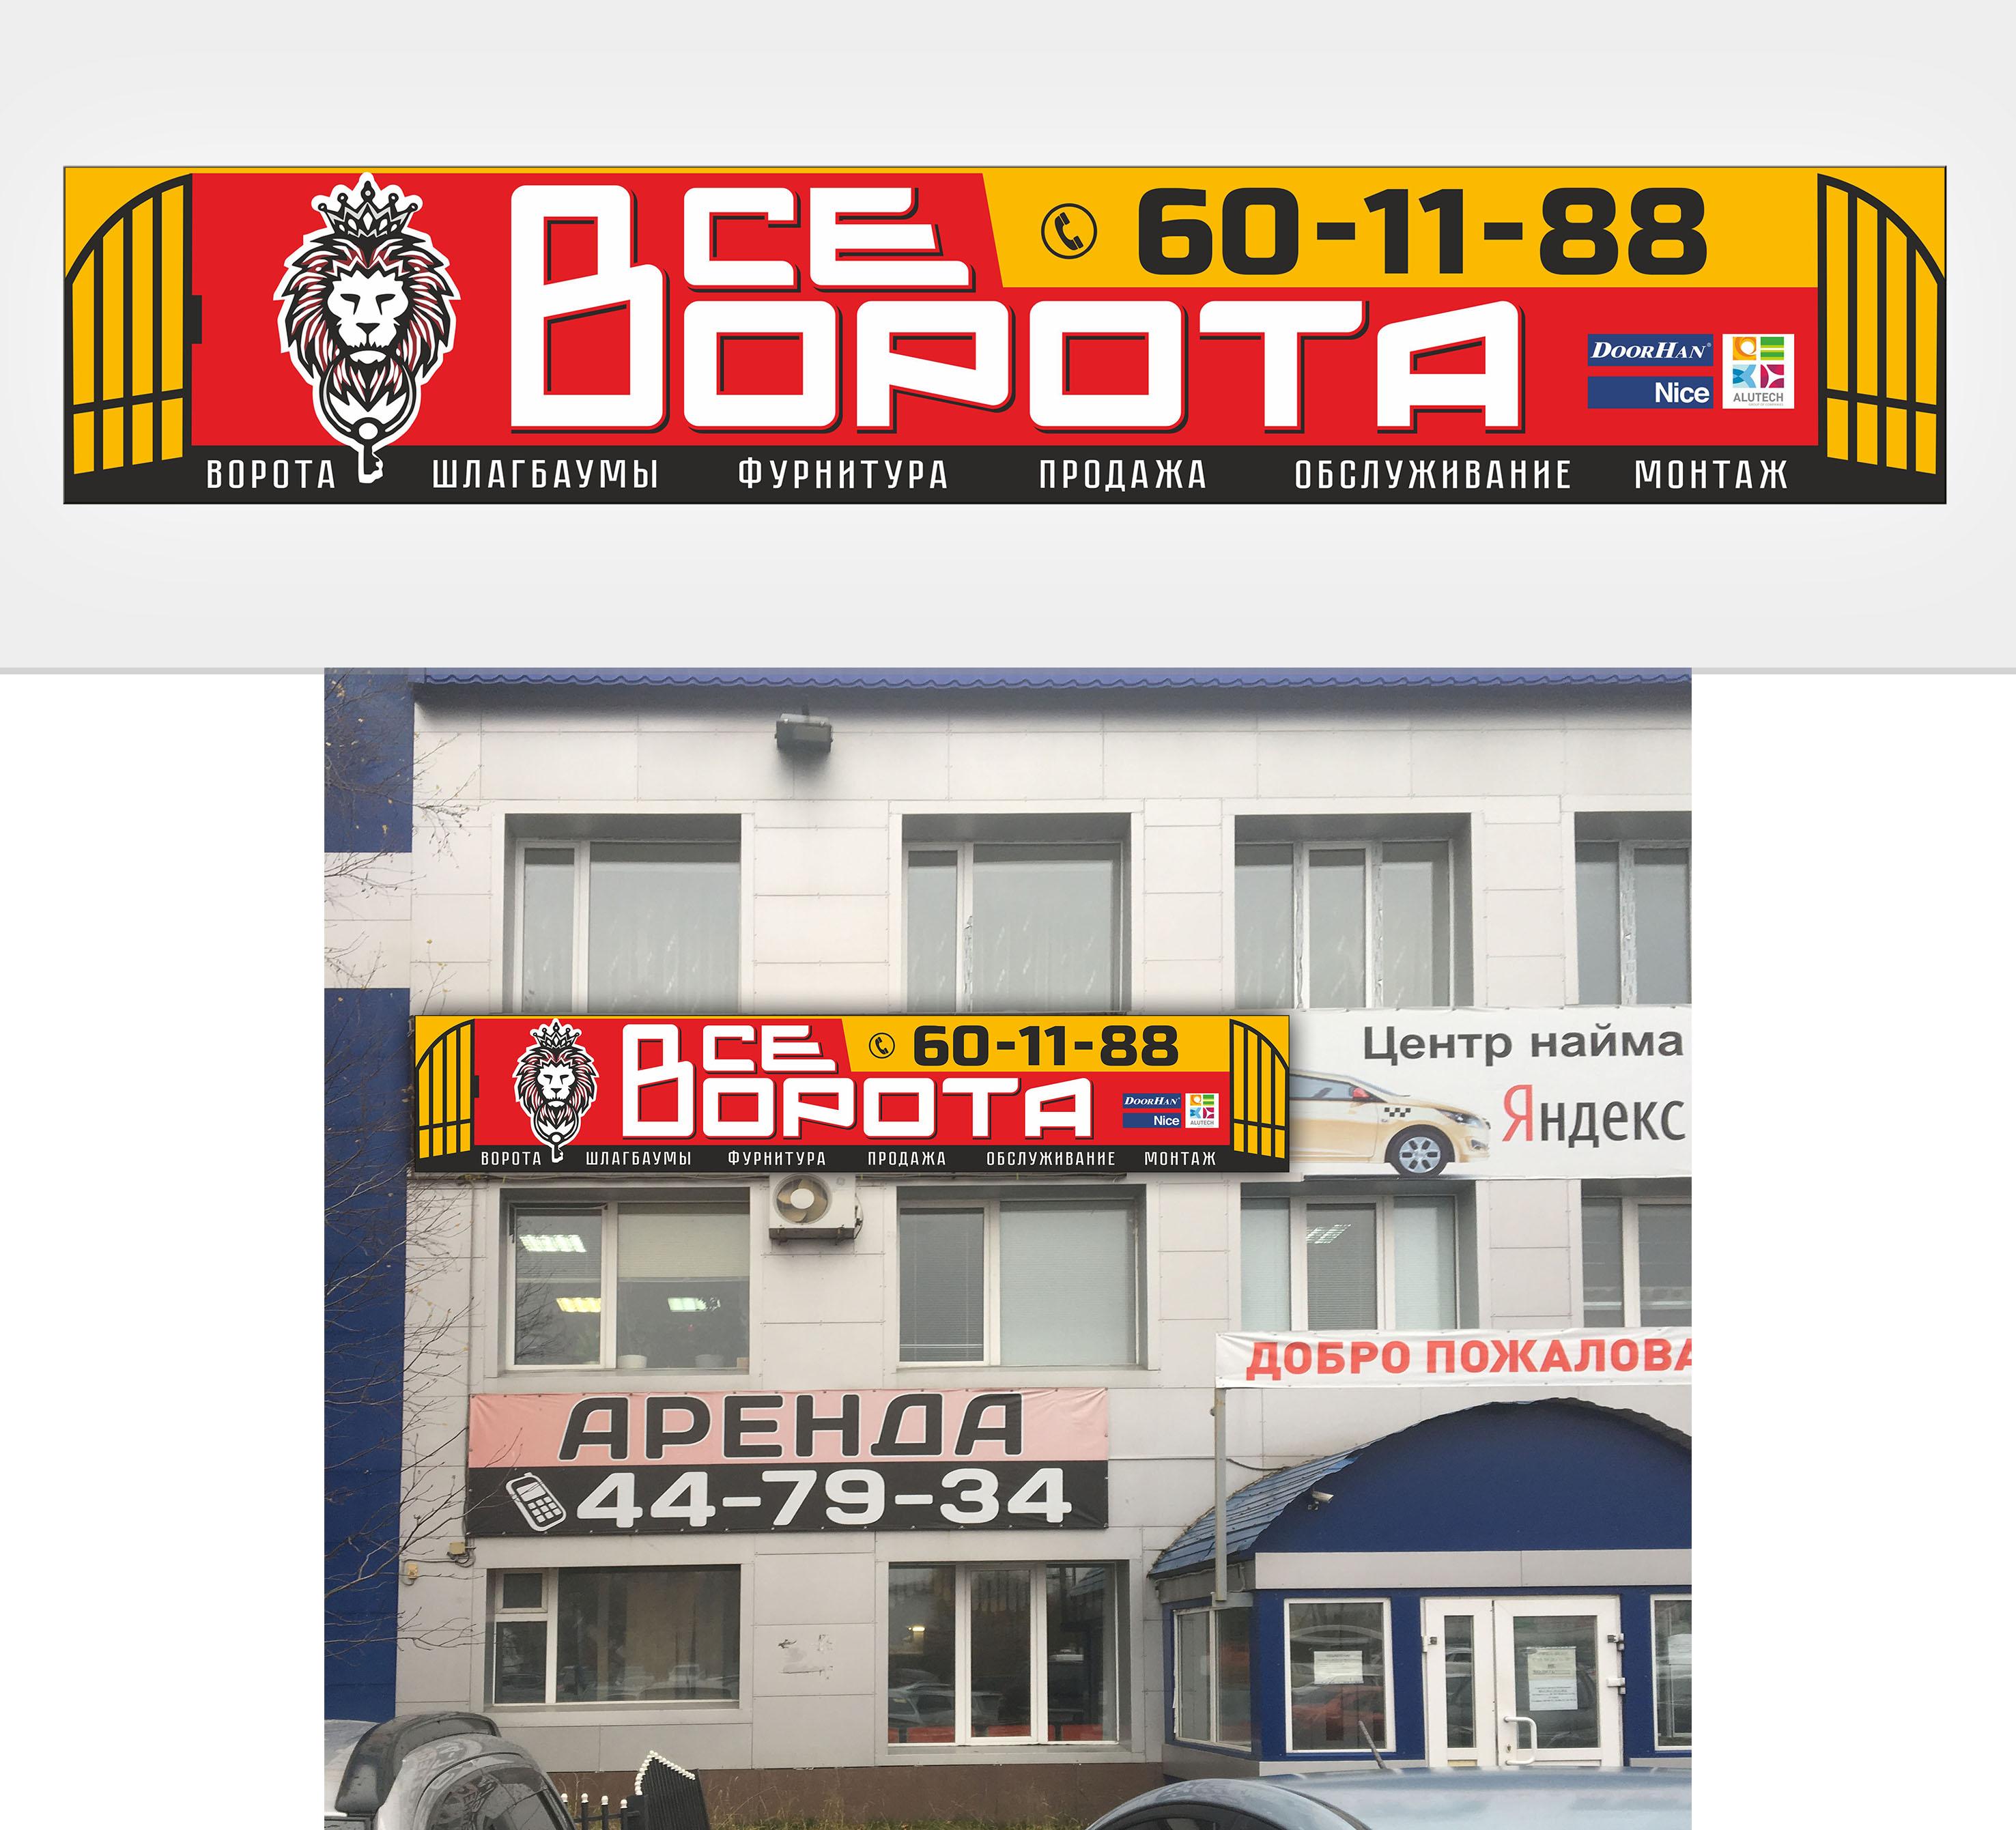 Дизайн светового короба / вывески фото f_6615bc854d20b104.jpg